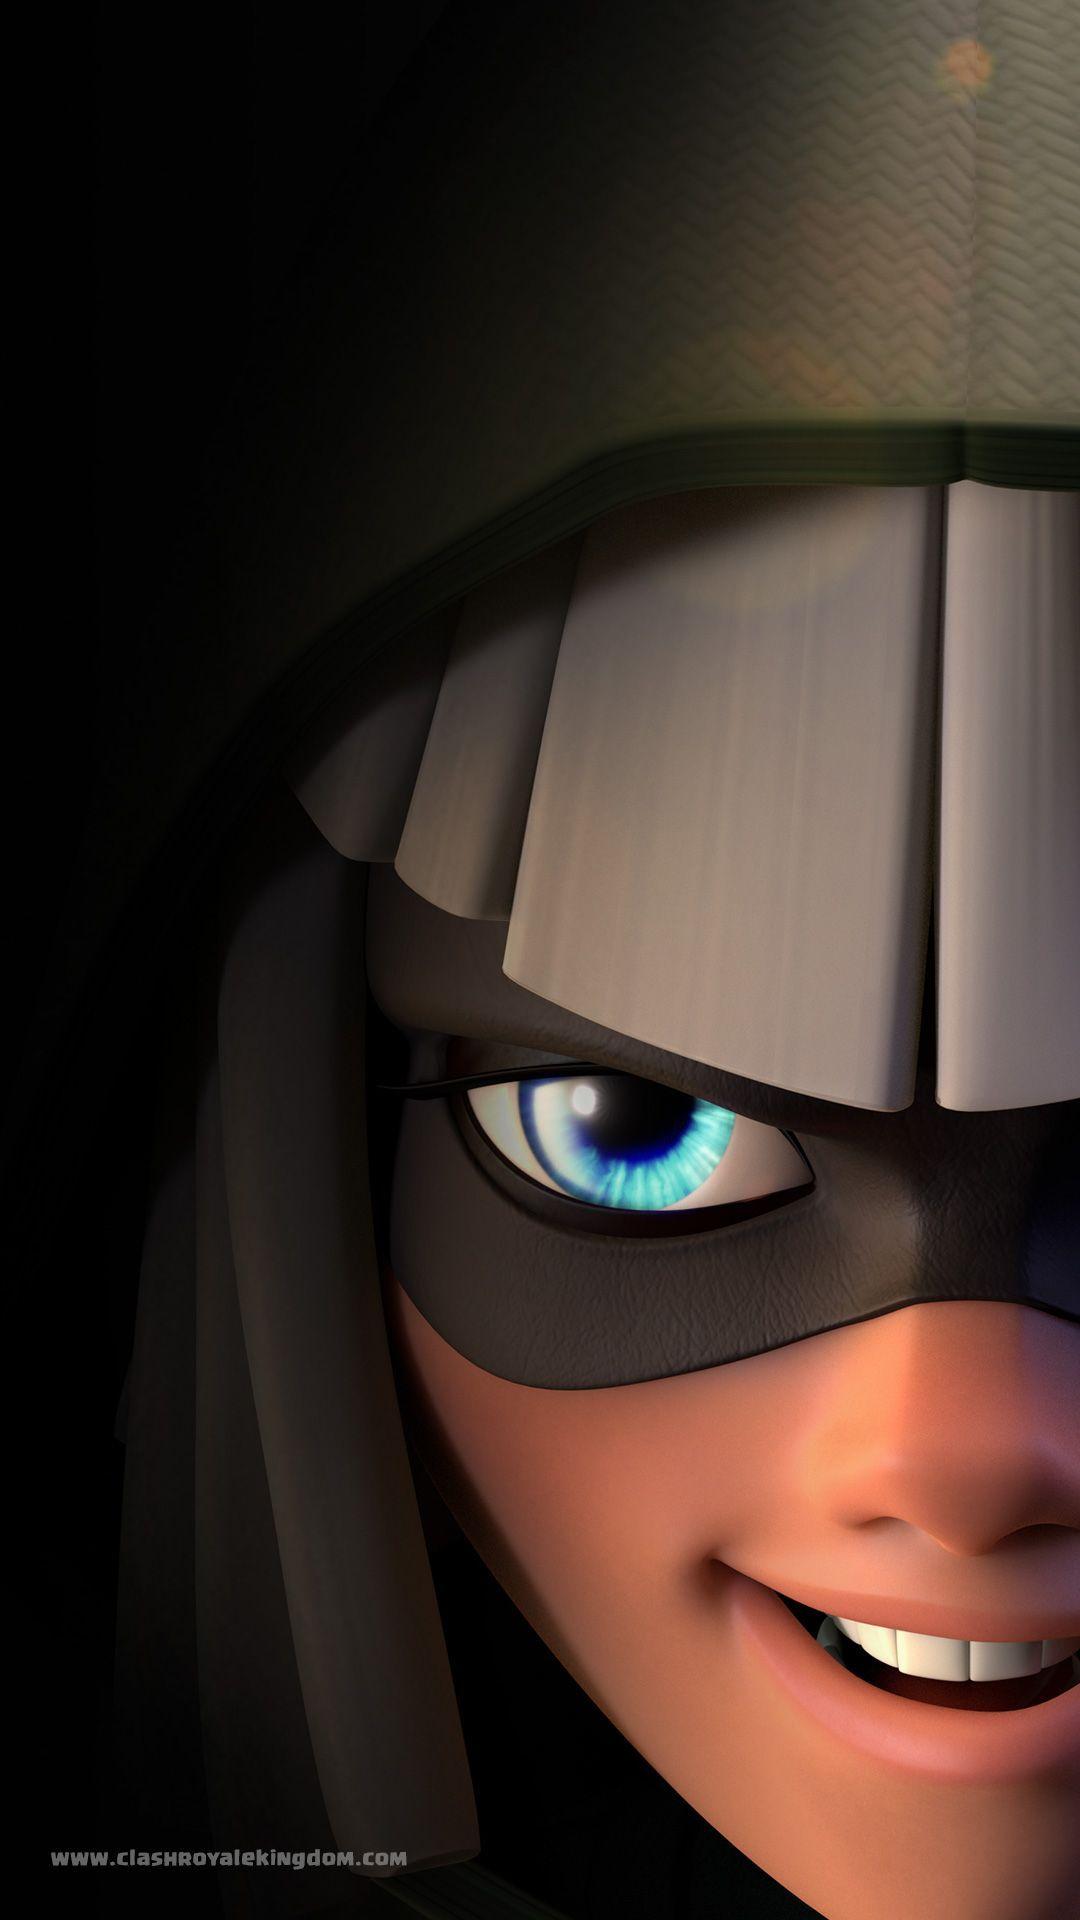 Bandit Face Clash Royale Wallpapers